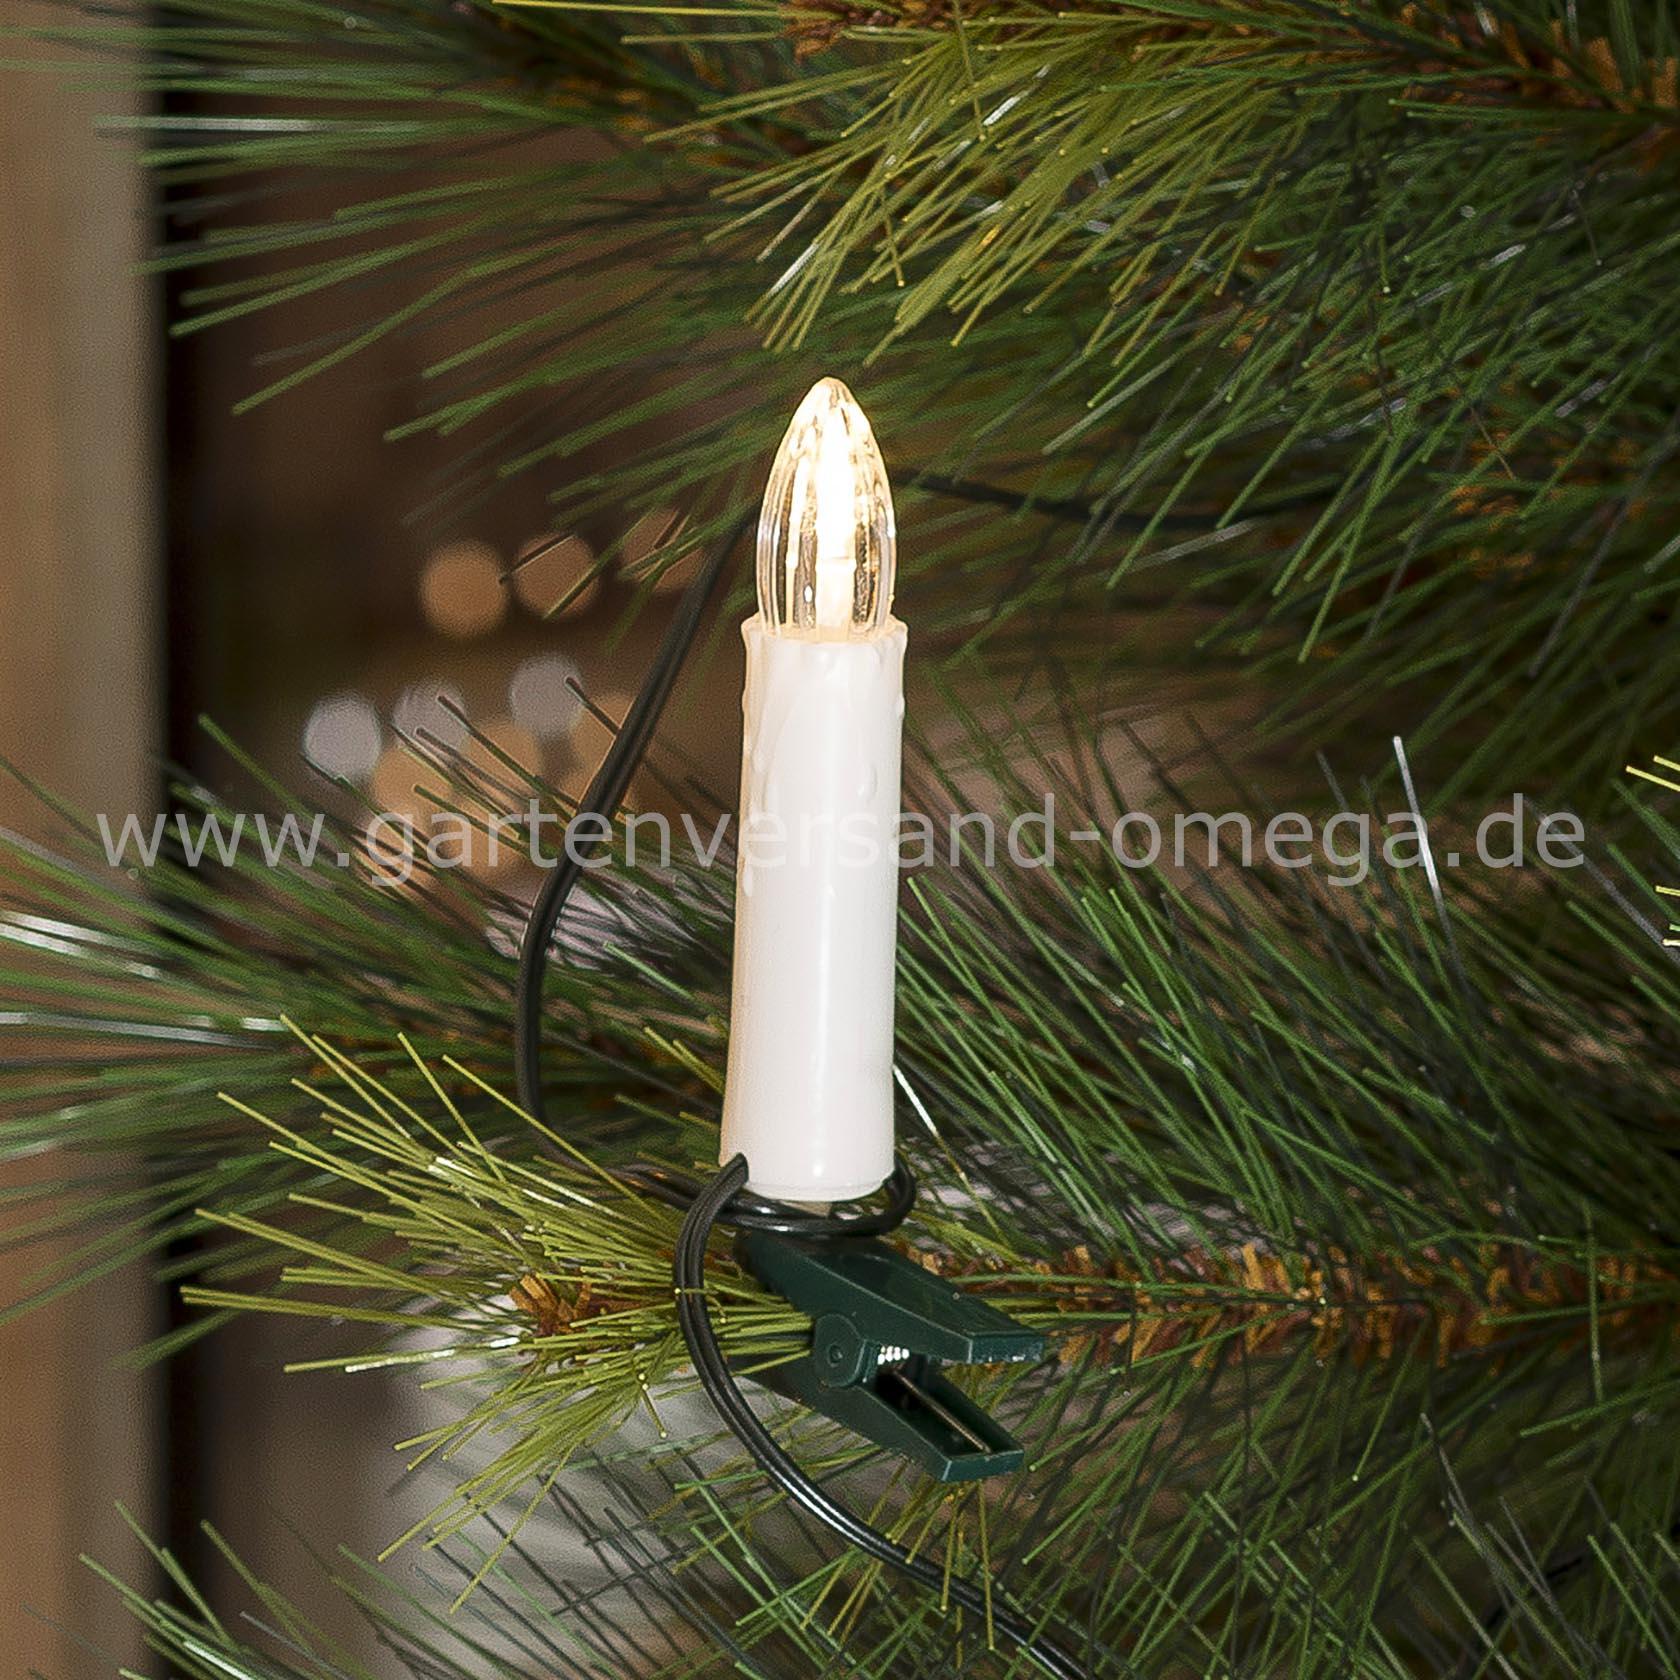 Berühmt Batterie Betrieben Weihnachtsbaum Licht Bilder ...